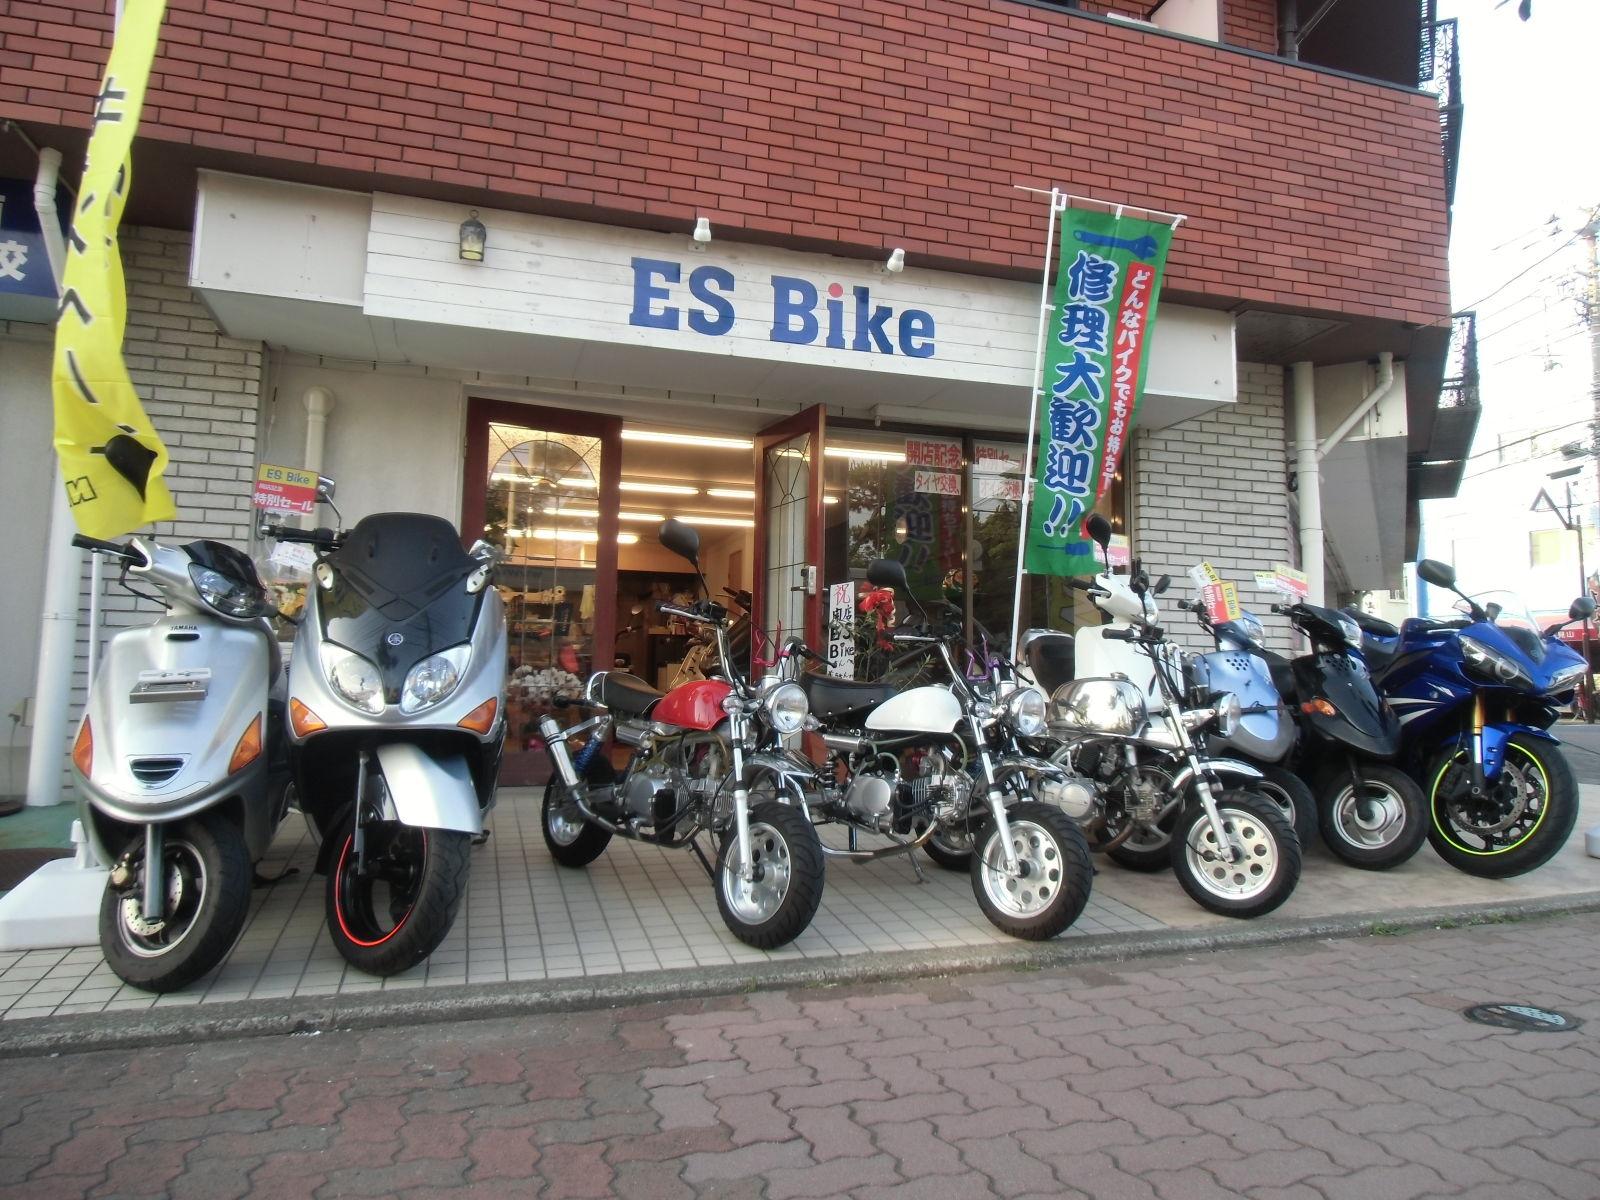 藤沢市のバイクショップES Bike